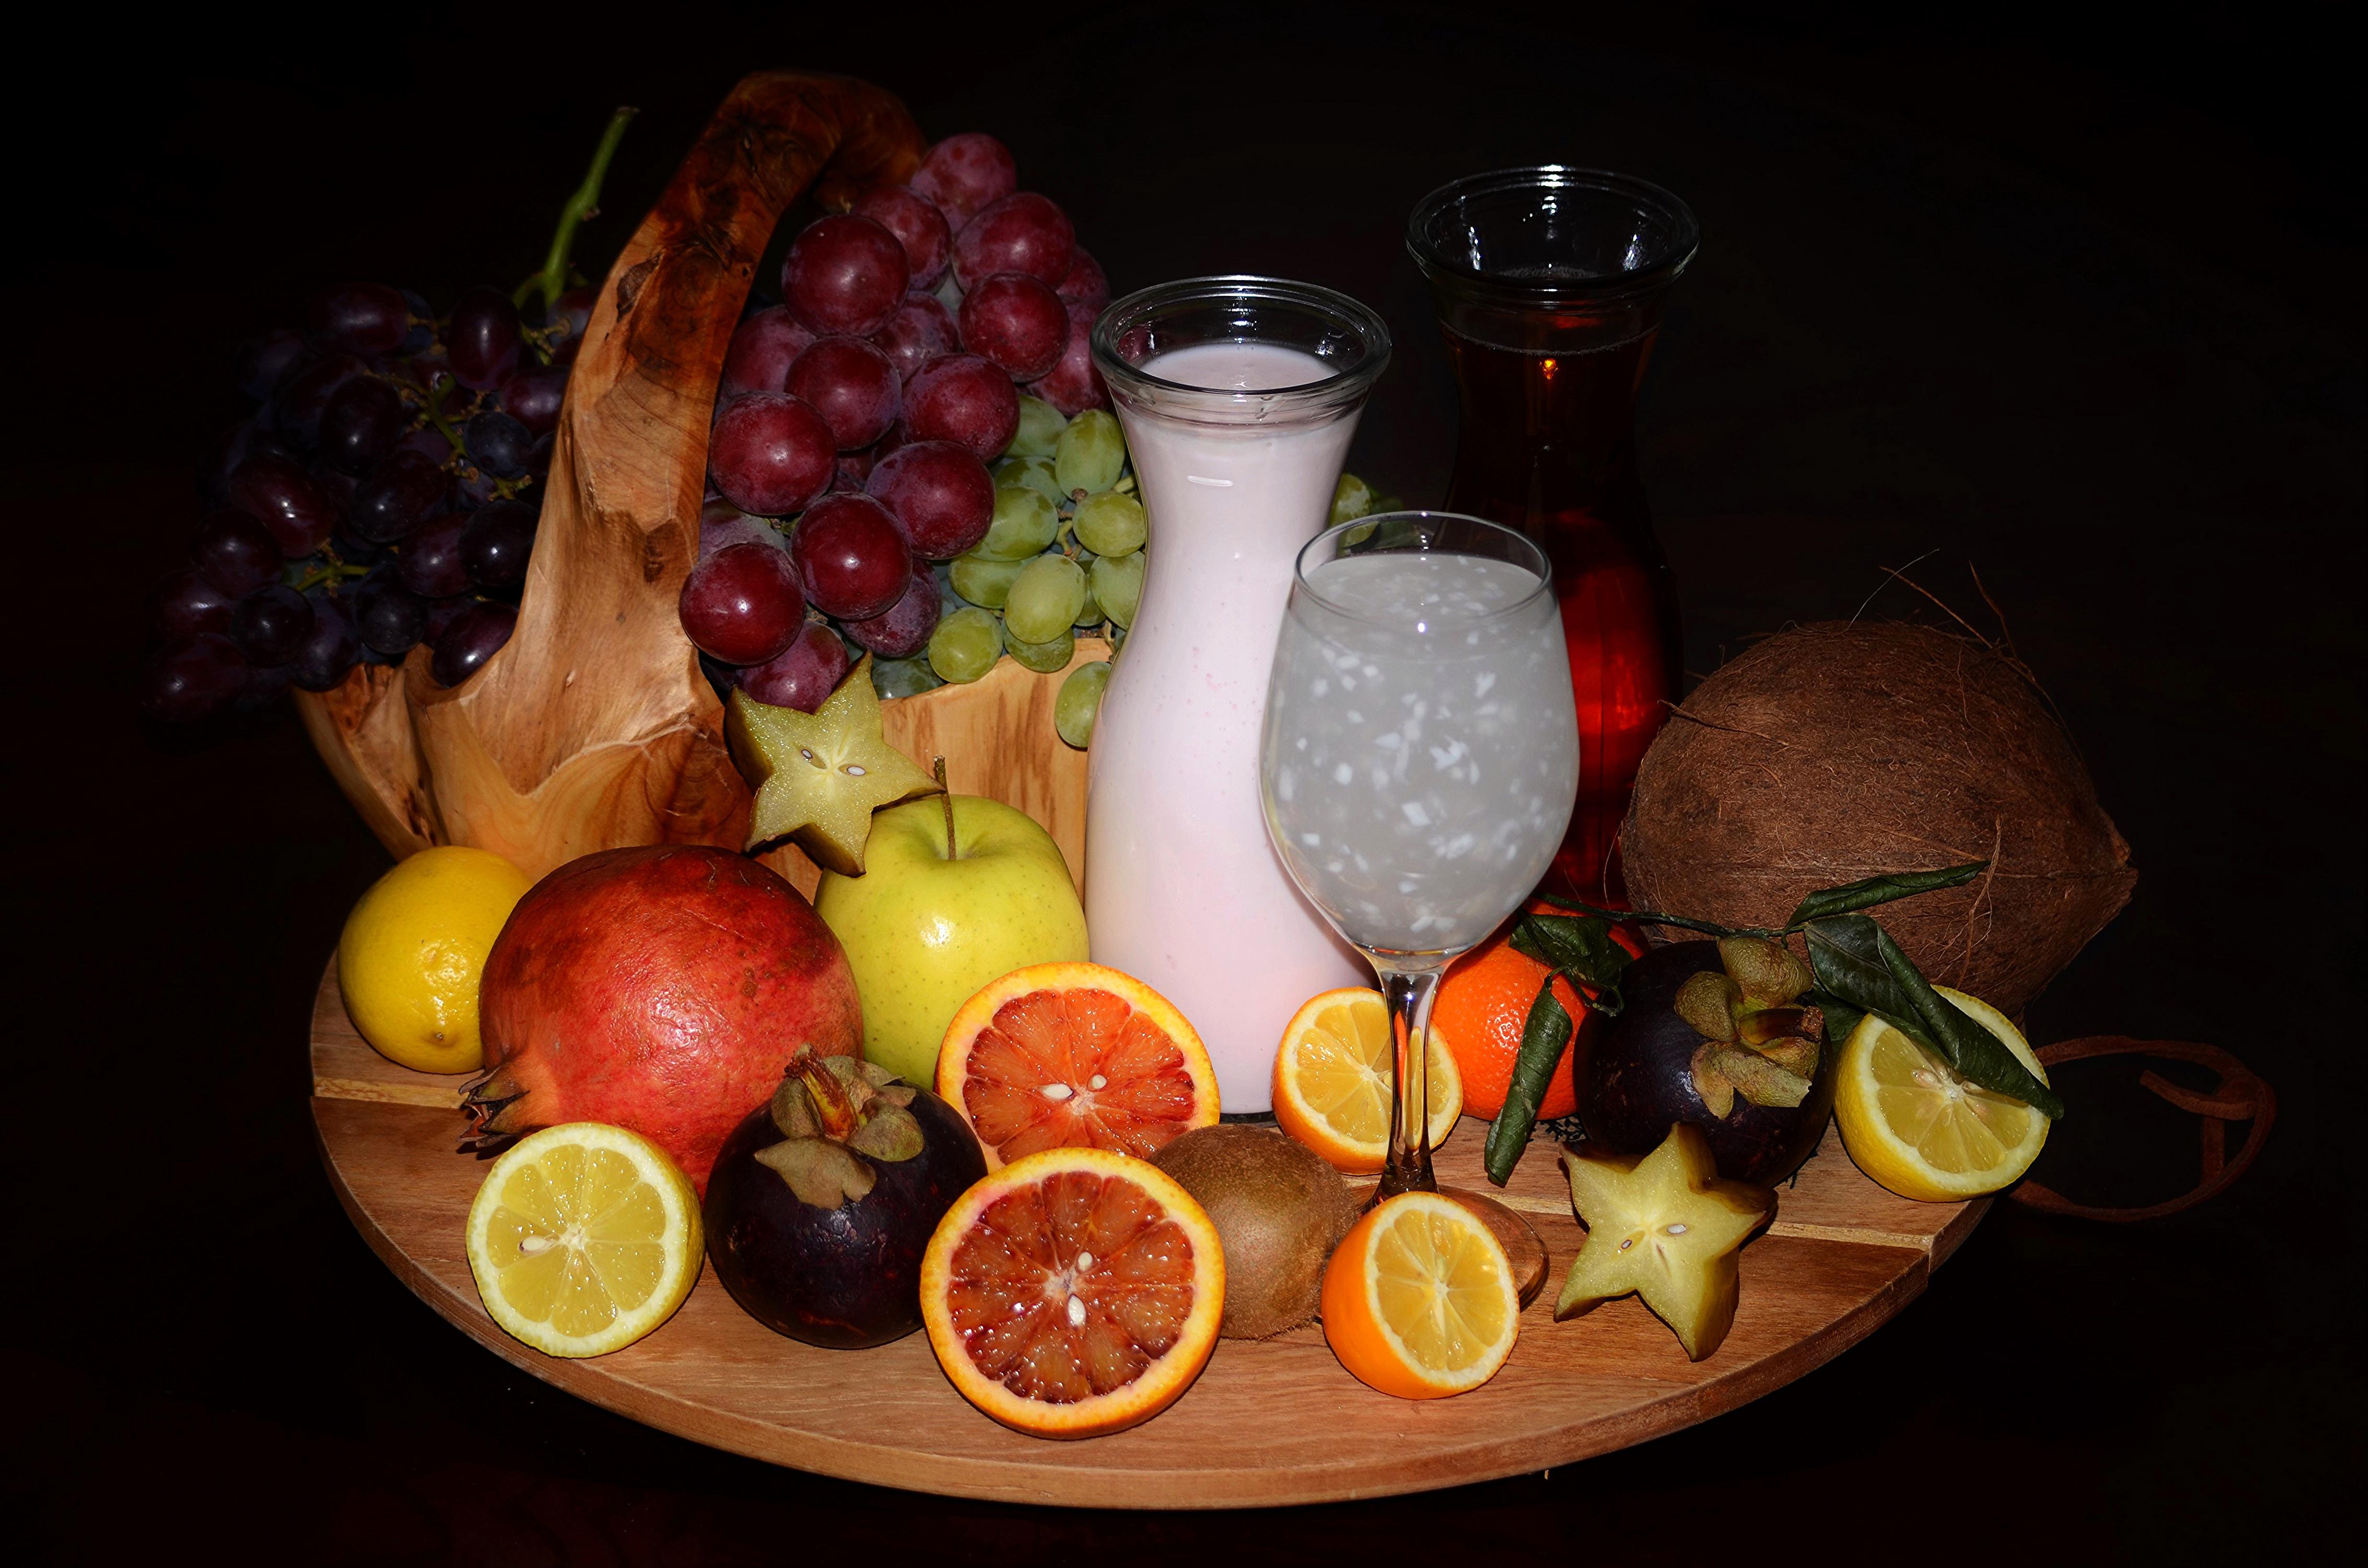 Hintergrundbilder Milch Kokos Weintraube Granatapfel Obst Flasche Weinglas Lebensmittel Zitrusfrüchte 4530x3000 Kokosnuss